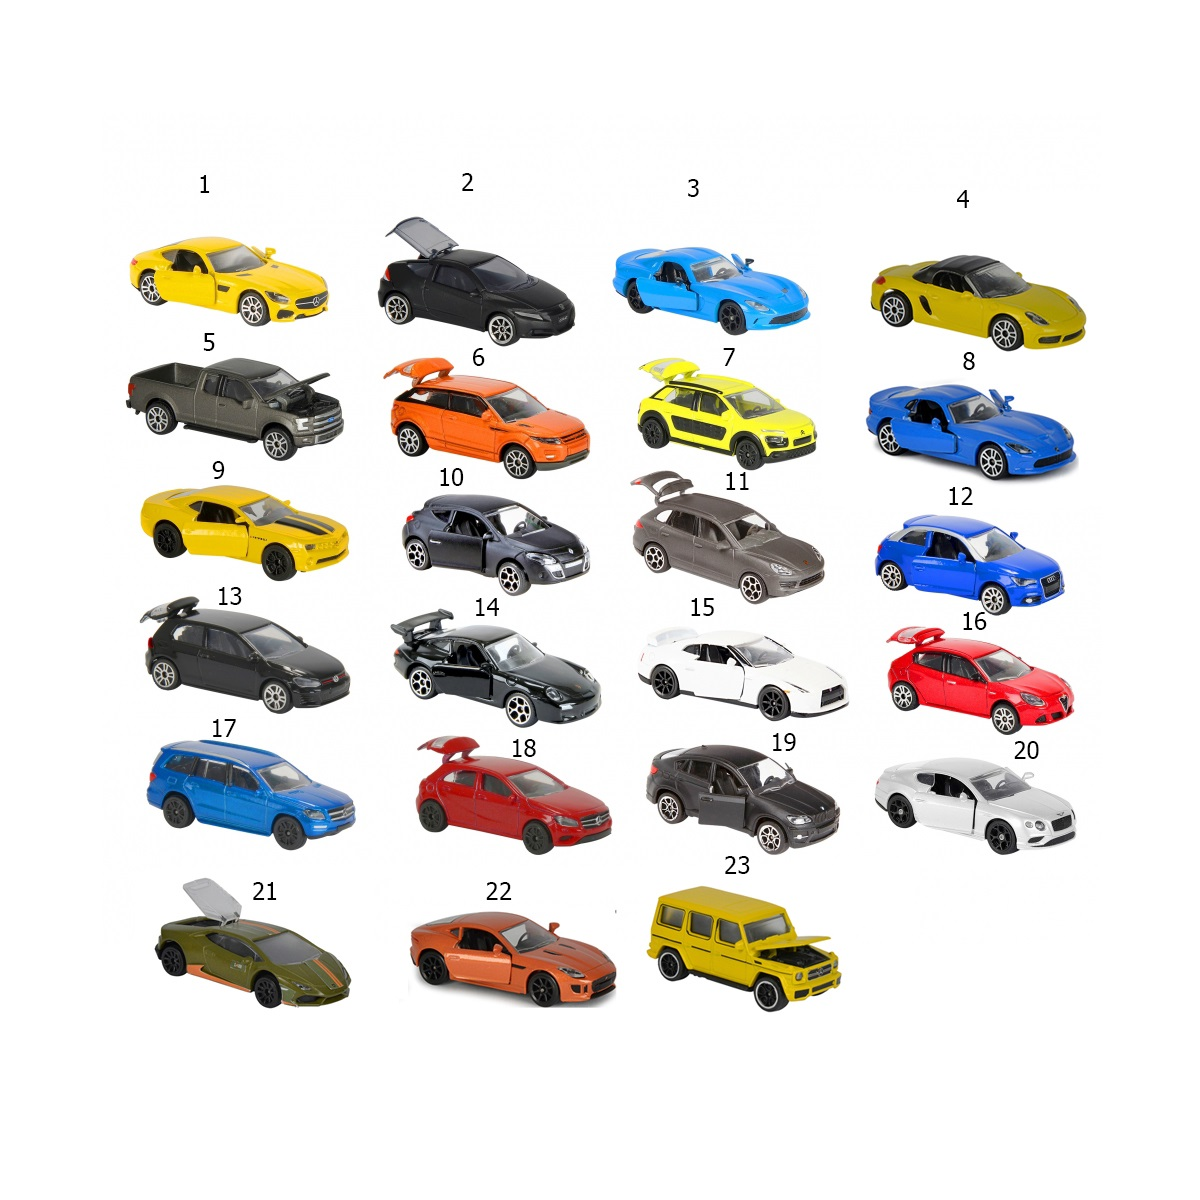 Купить со скидкой Машинки серии Premium с открывающимися элементами, 7,5 см.